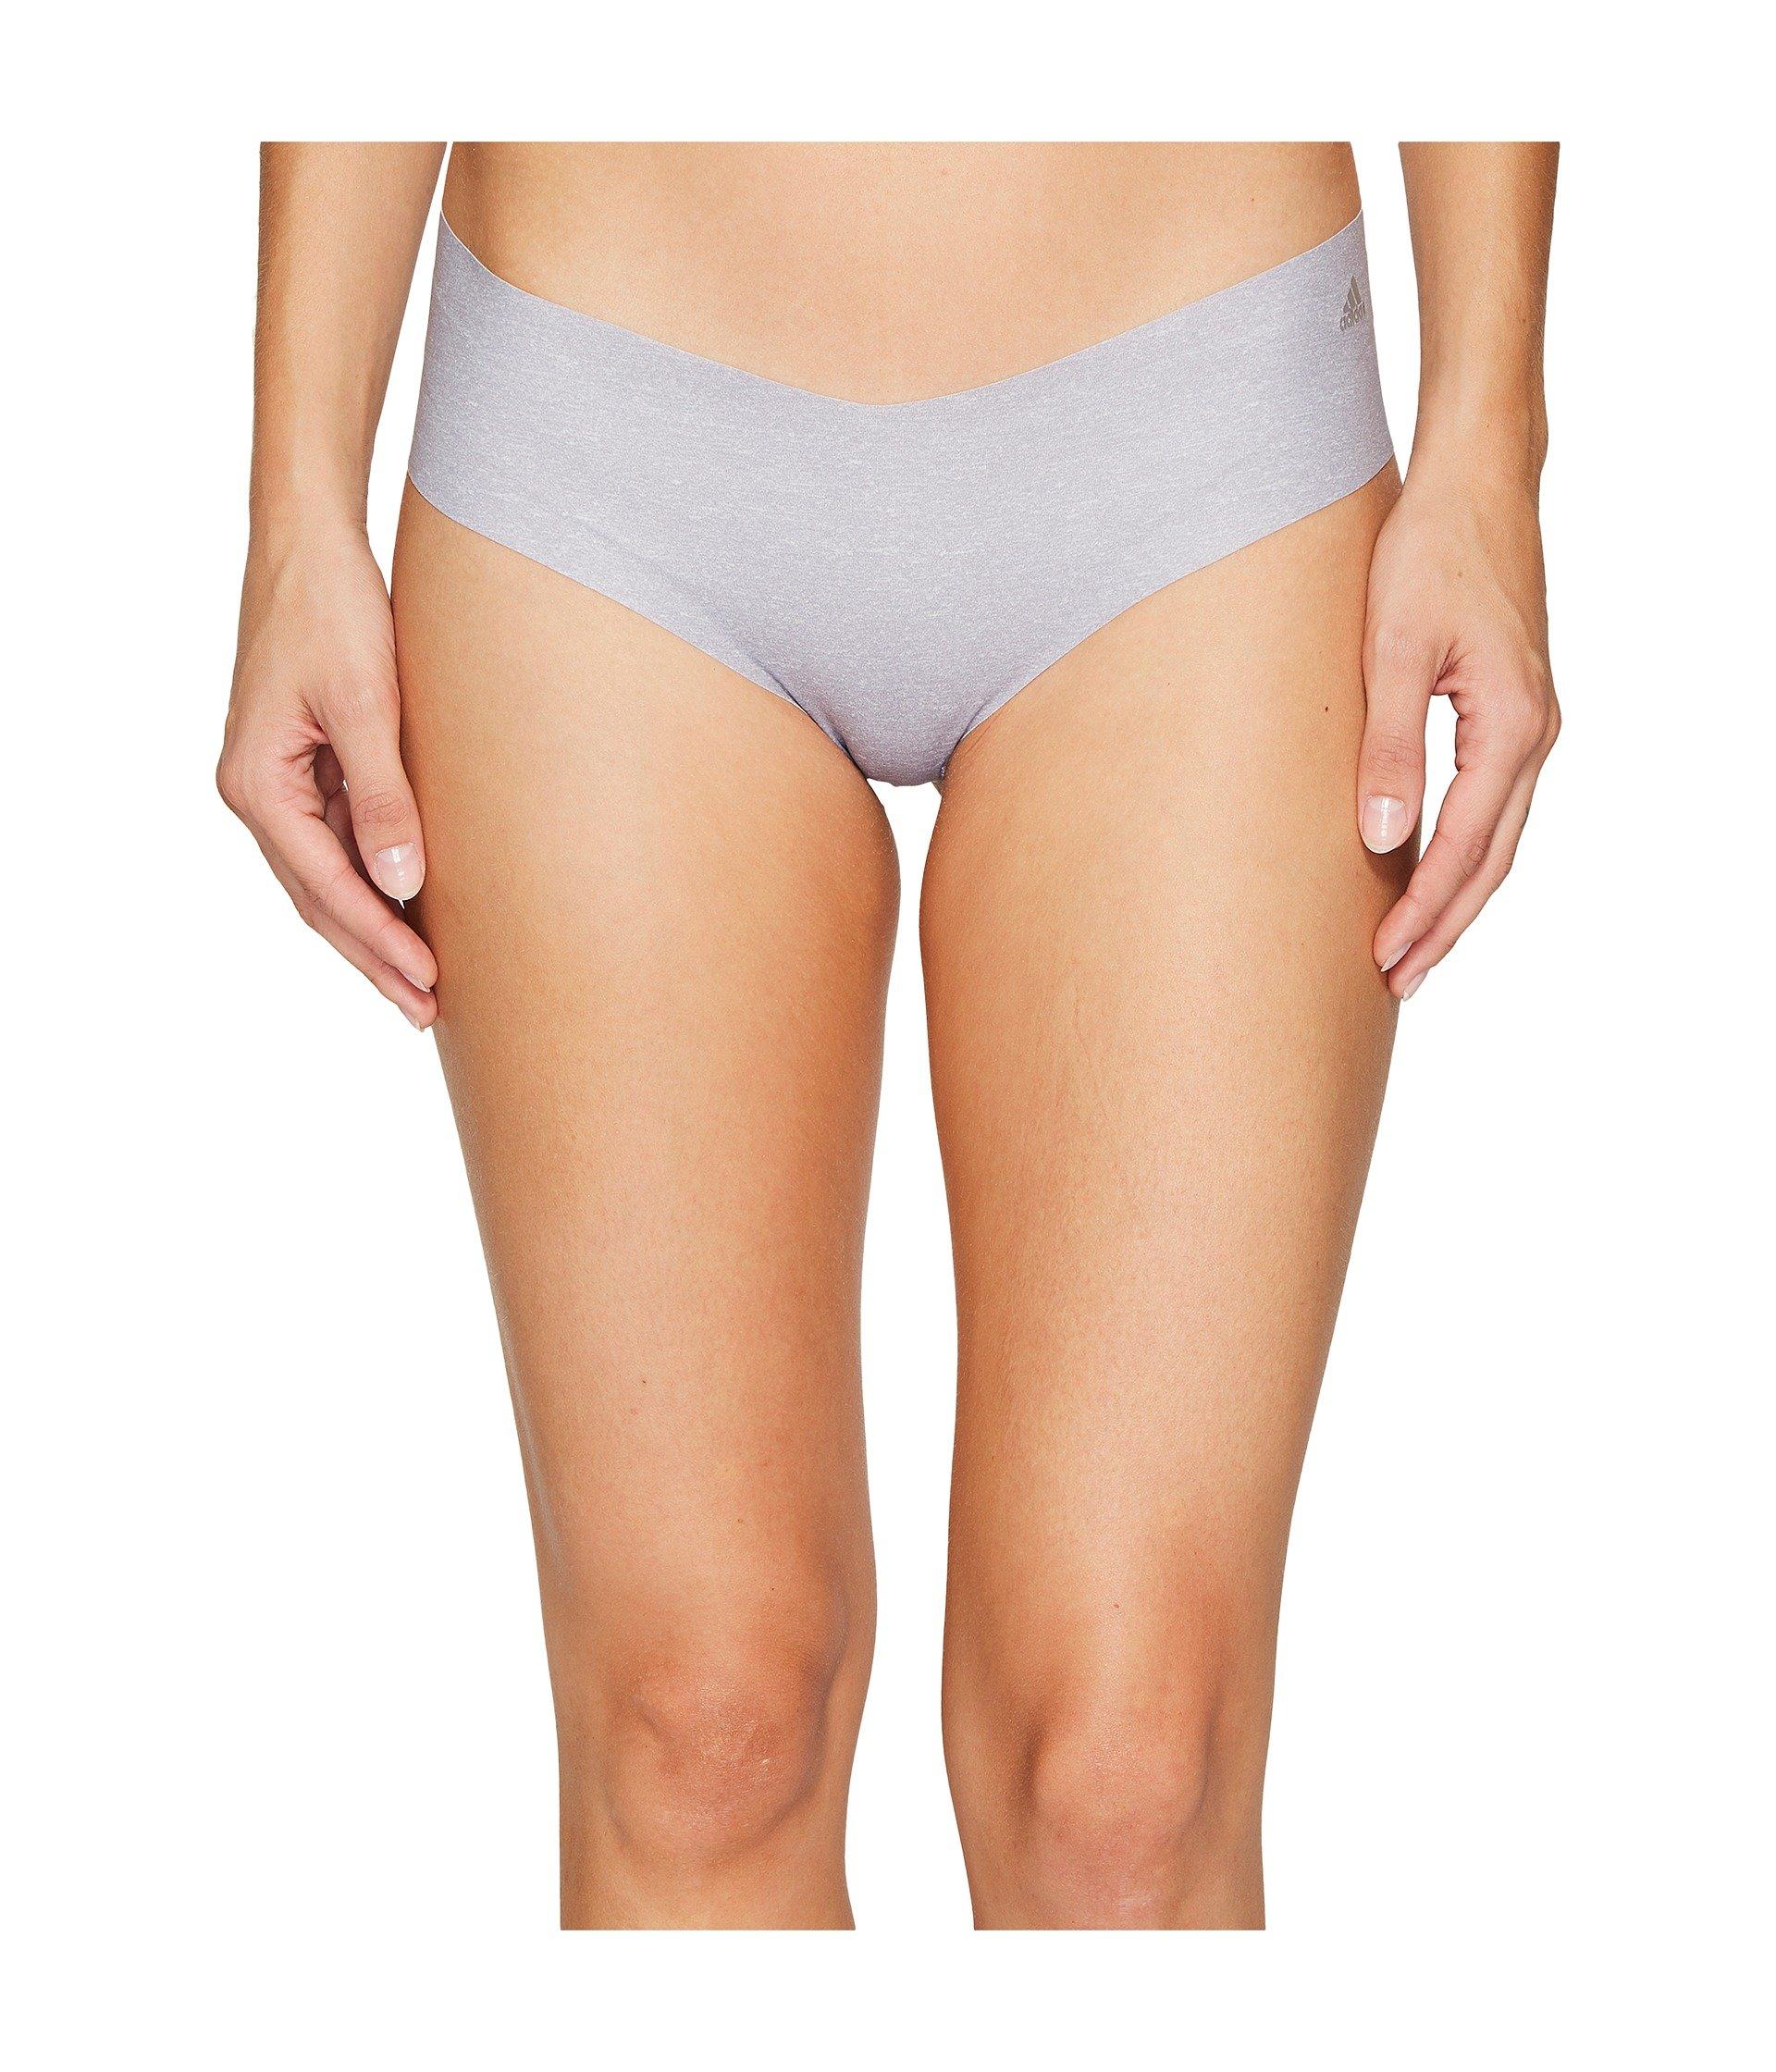 single underwear is not - photo #40